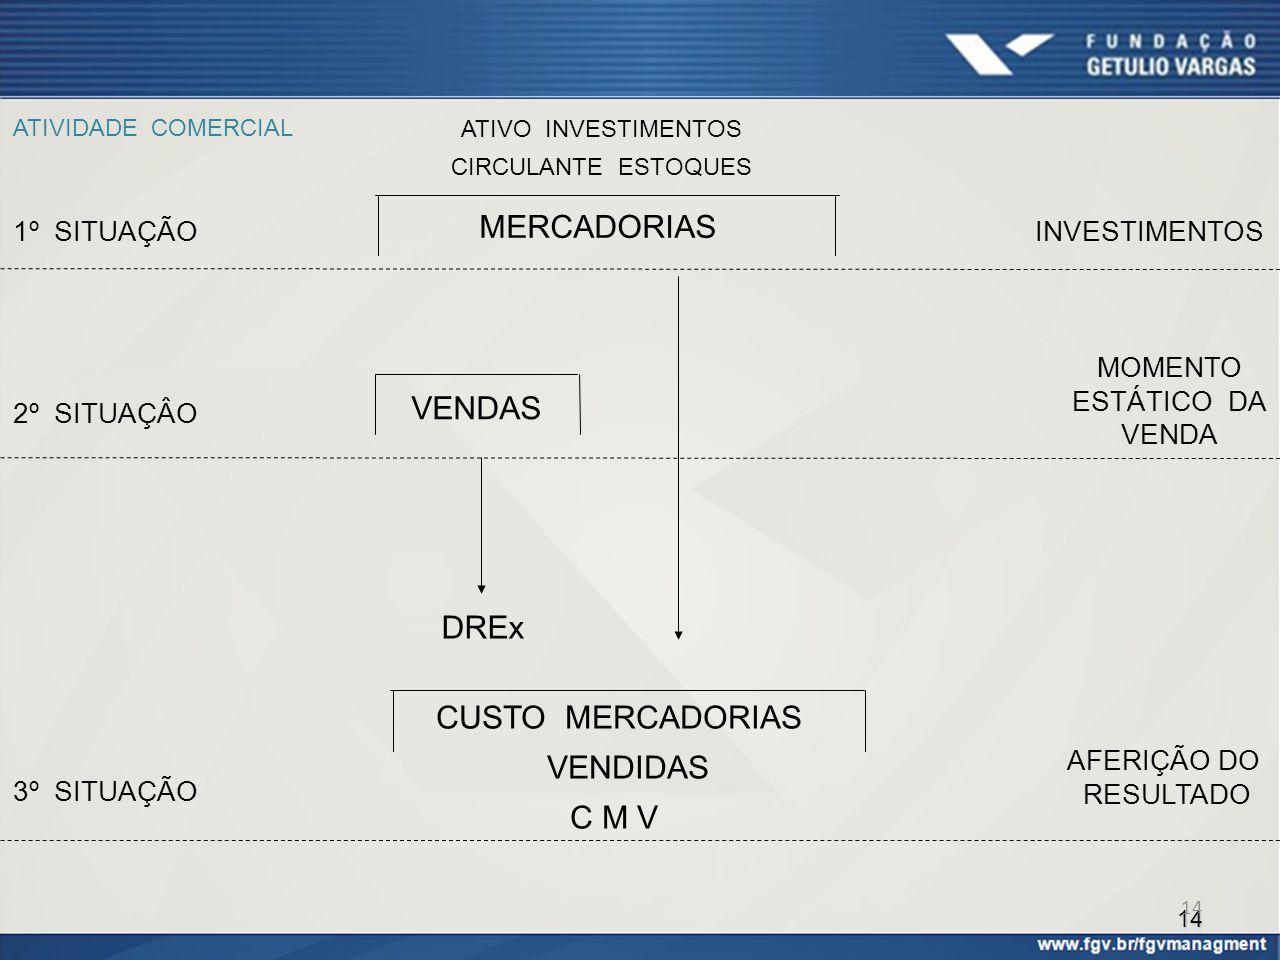 MERCADORIAS VENDAS DREx CUSTO MERCADORIAS VENDIDAS C M V 1º SITUAÇÃO